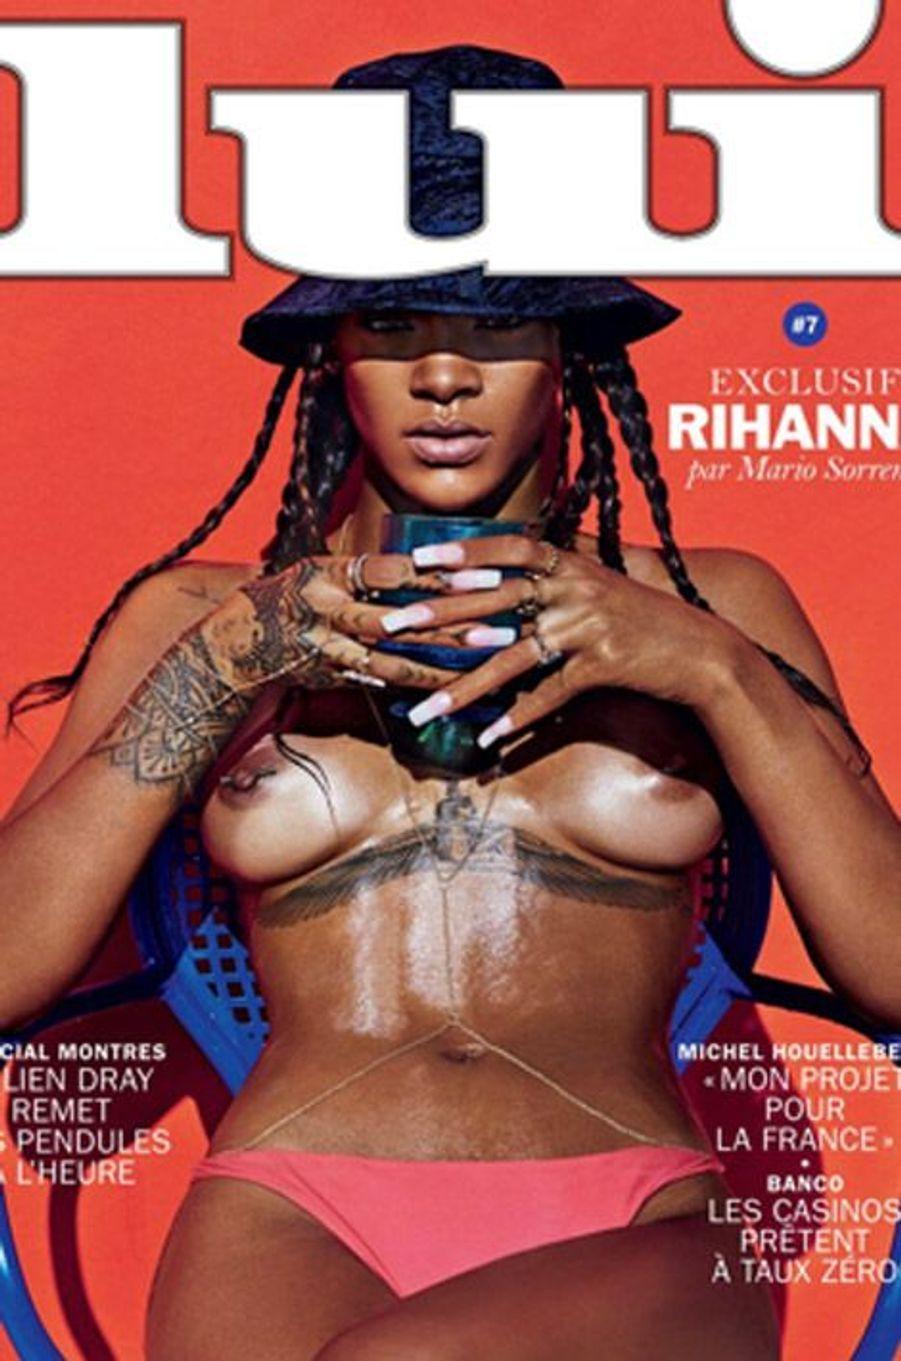 """La chanteuse Rihanna pose nue pour le numéro de mai 2014 du magazine français """"Lui"""""""